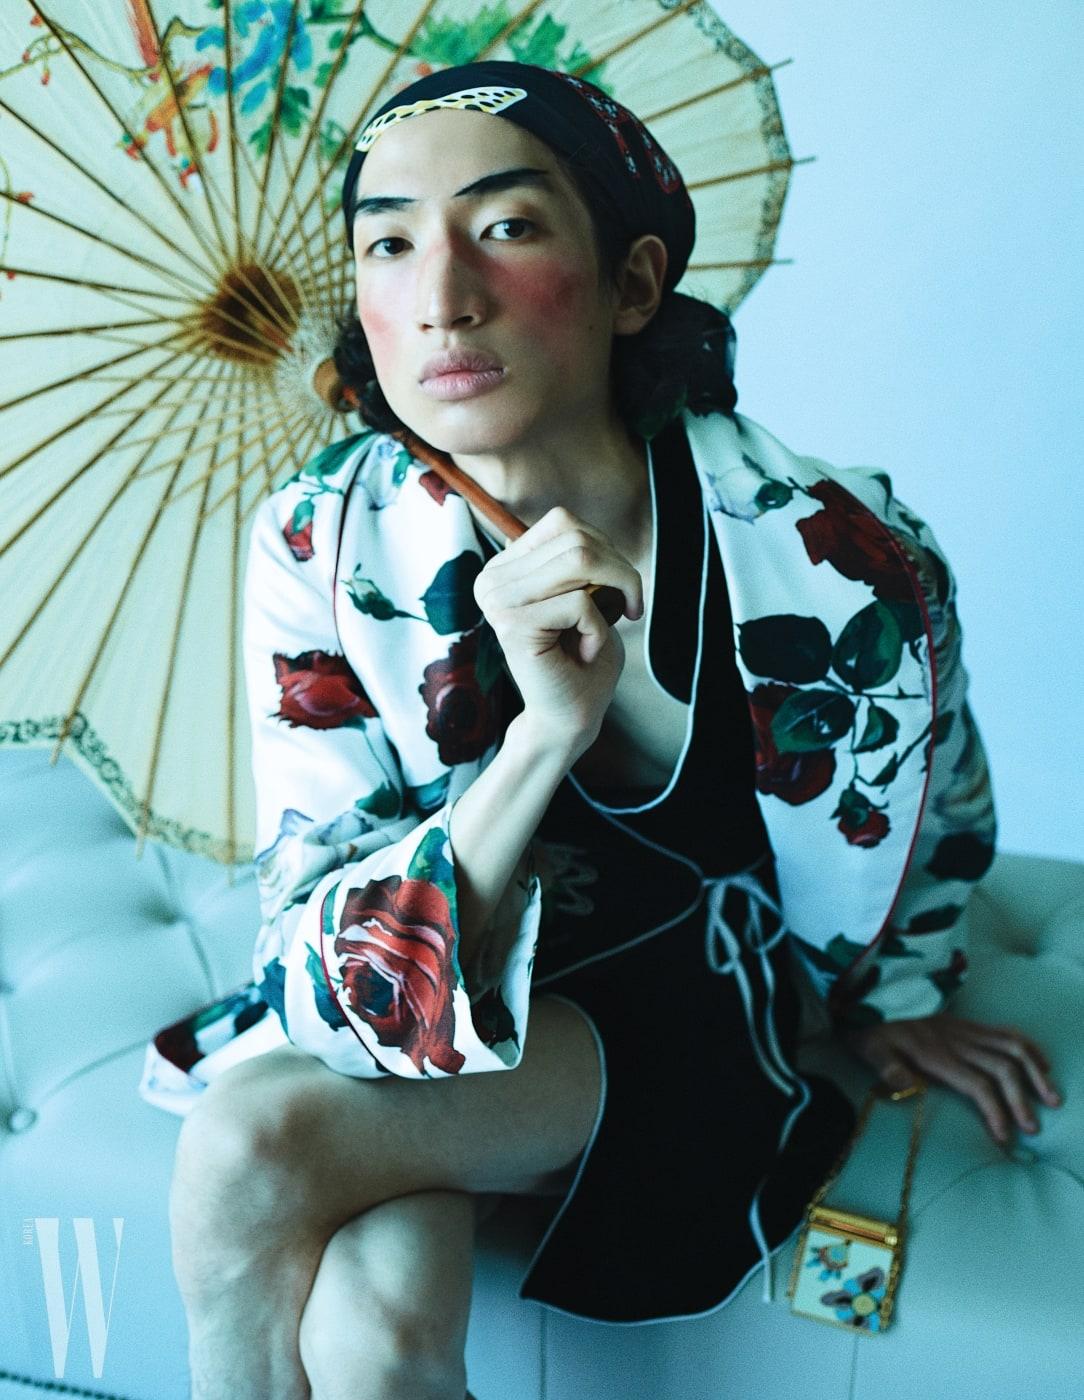 모델 김봉우가 입은 장미 프린트 실크 로브는 Dolce & Gabbana, 안에 입은 오리엔탈 무드의 벨벳 로브는 Rixo London by Net-A-Proter, 머리에 두른 스카프는 Sonia Rykiel, 오리엔탈 문양의 립스틱 케이스는 Valentino Garavani 제품.